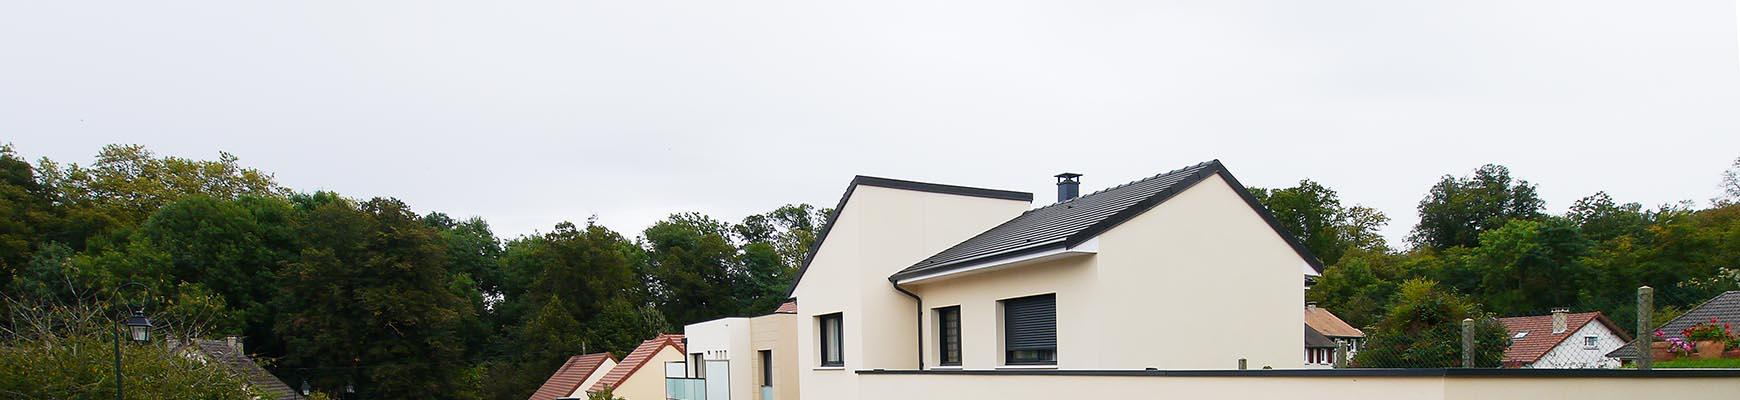 Maison moderne originale à l'orée des bois. FranceMaisons-idf